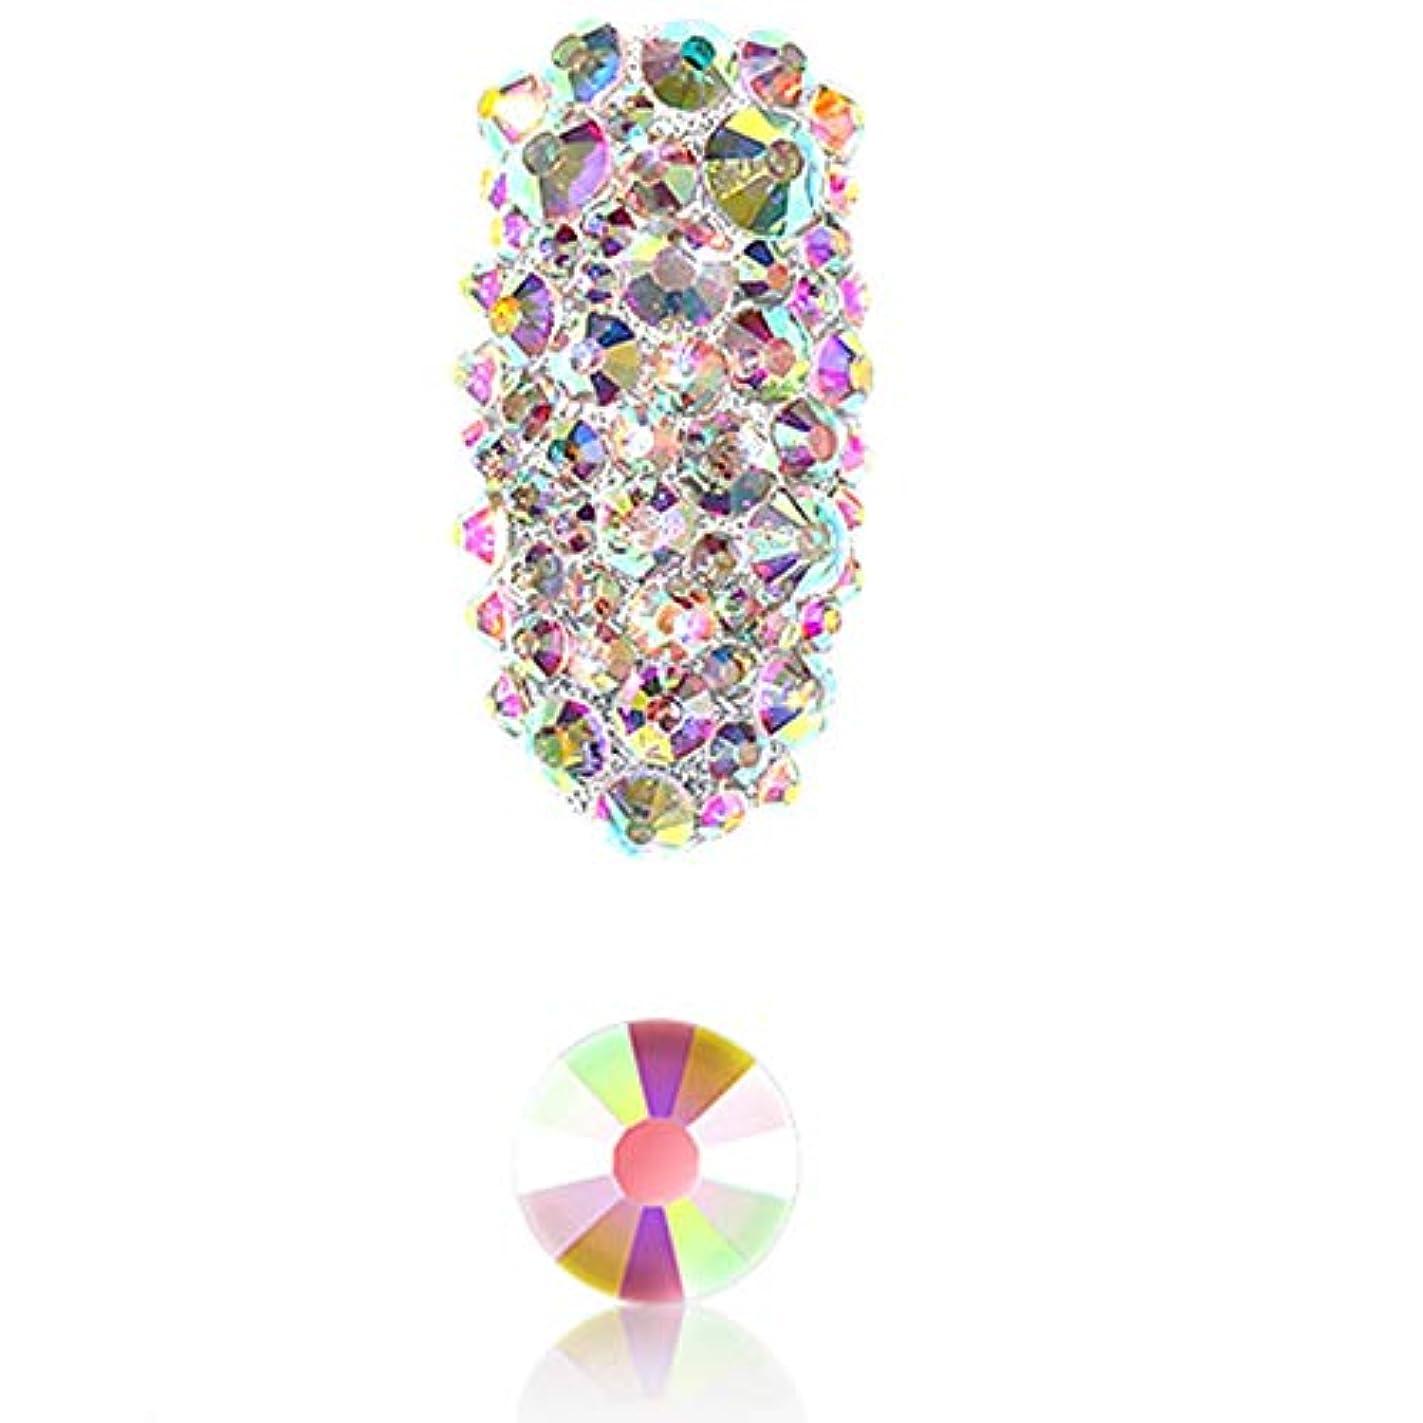 領収書想像する熟達したTOOGOO 1パックフラットバックガラスネイルラインストーン混合サイズSs4-Ss16ネイルアート装飾石シャイニー宝石マニキュアアクセサリー1#ABカラー